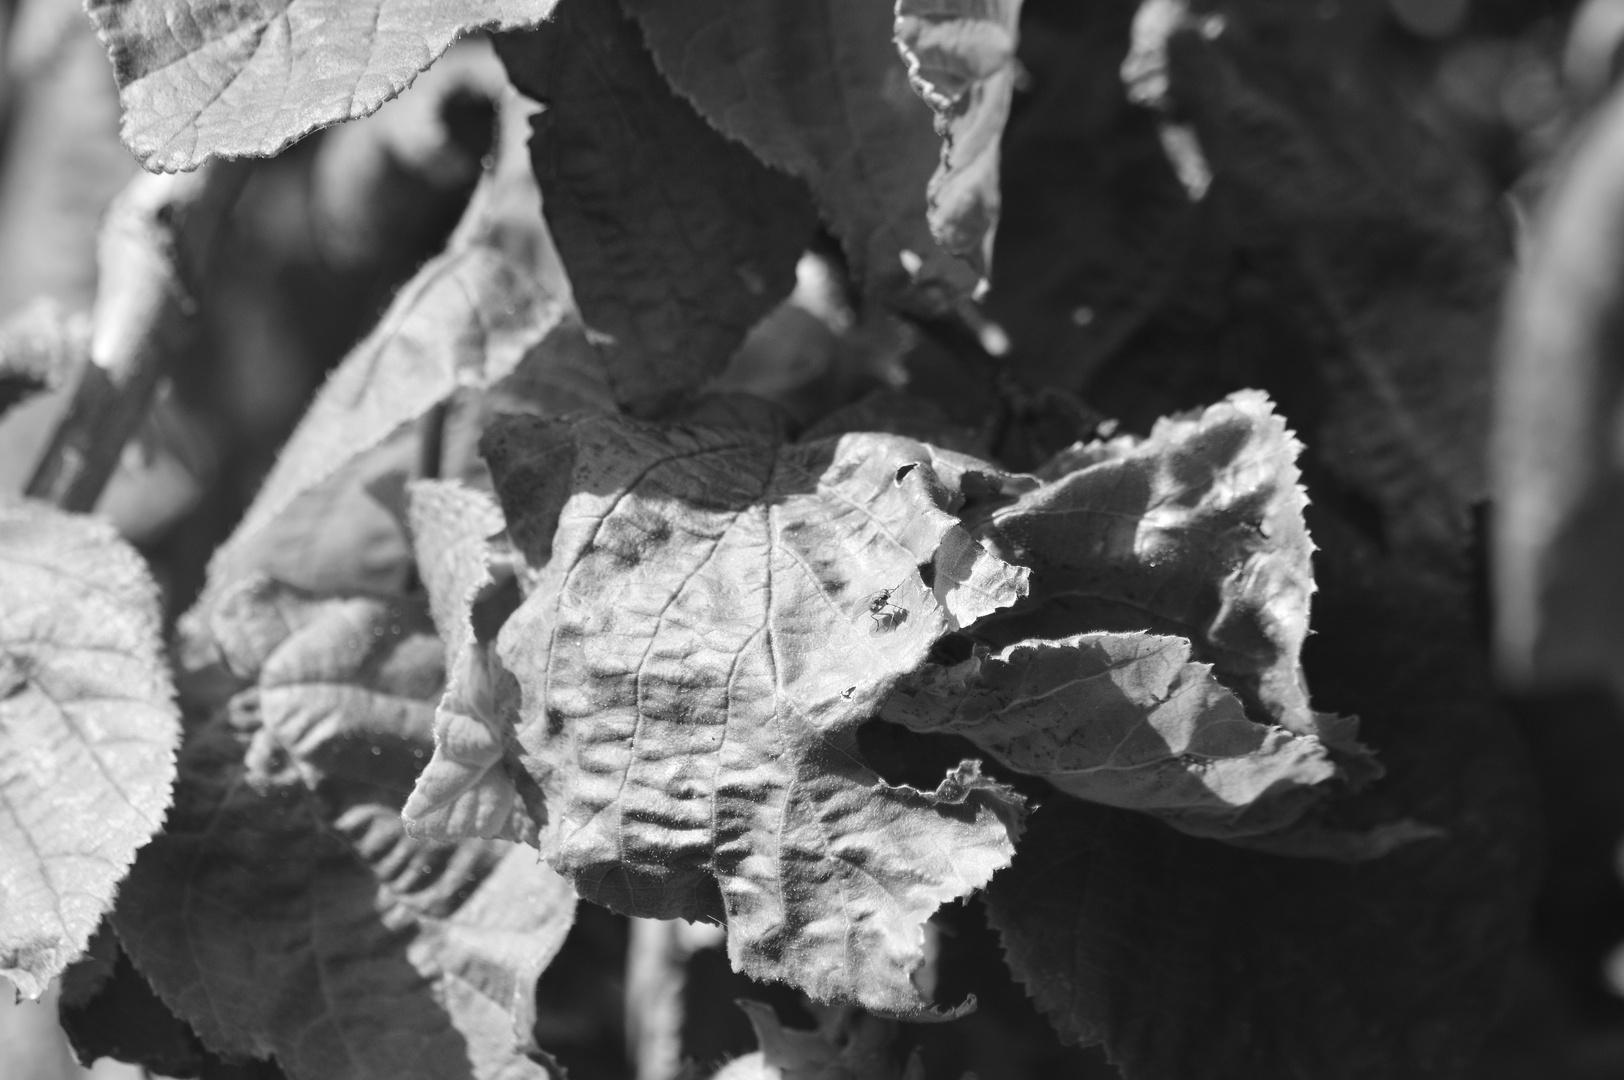 Die Blätter kräuseln sich. Der Herbst naht